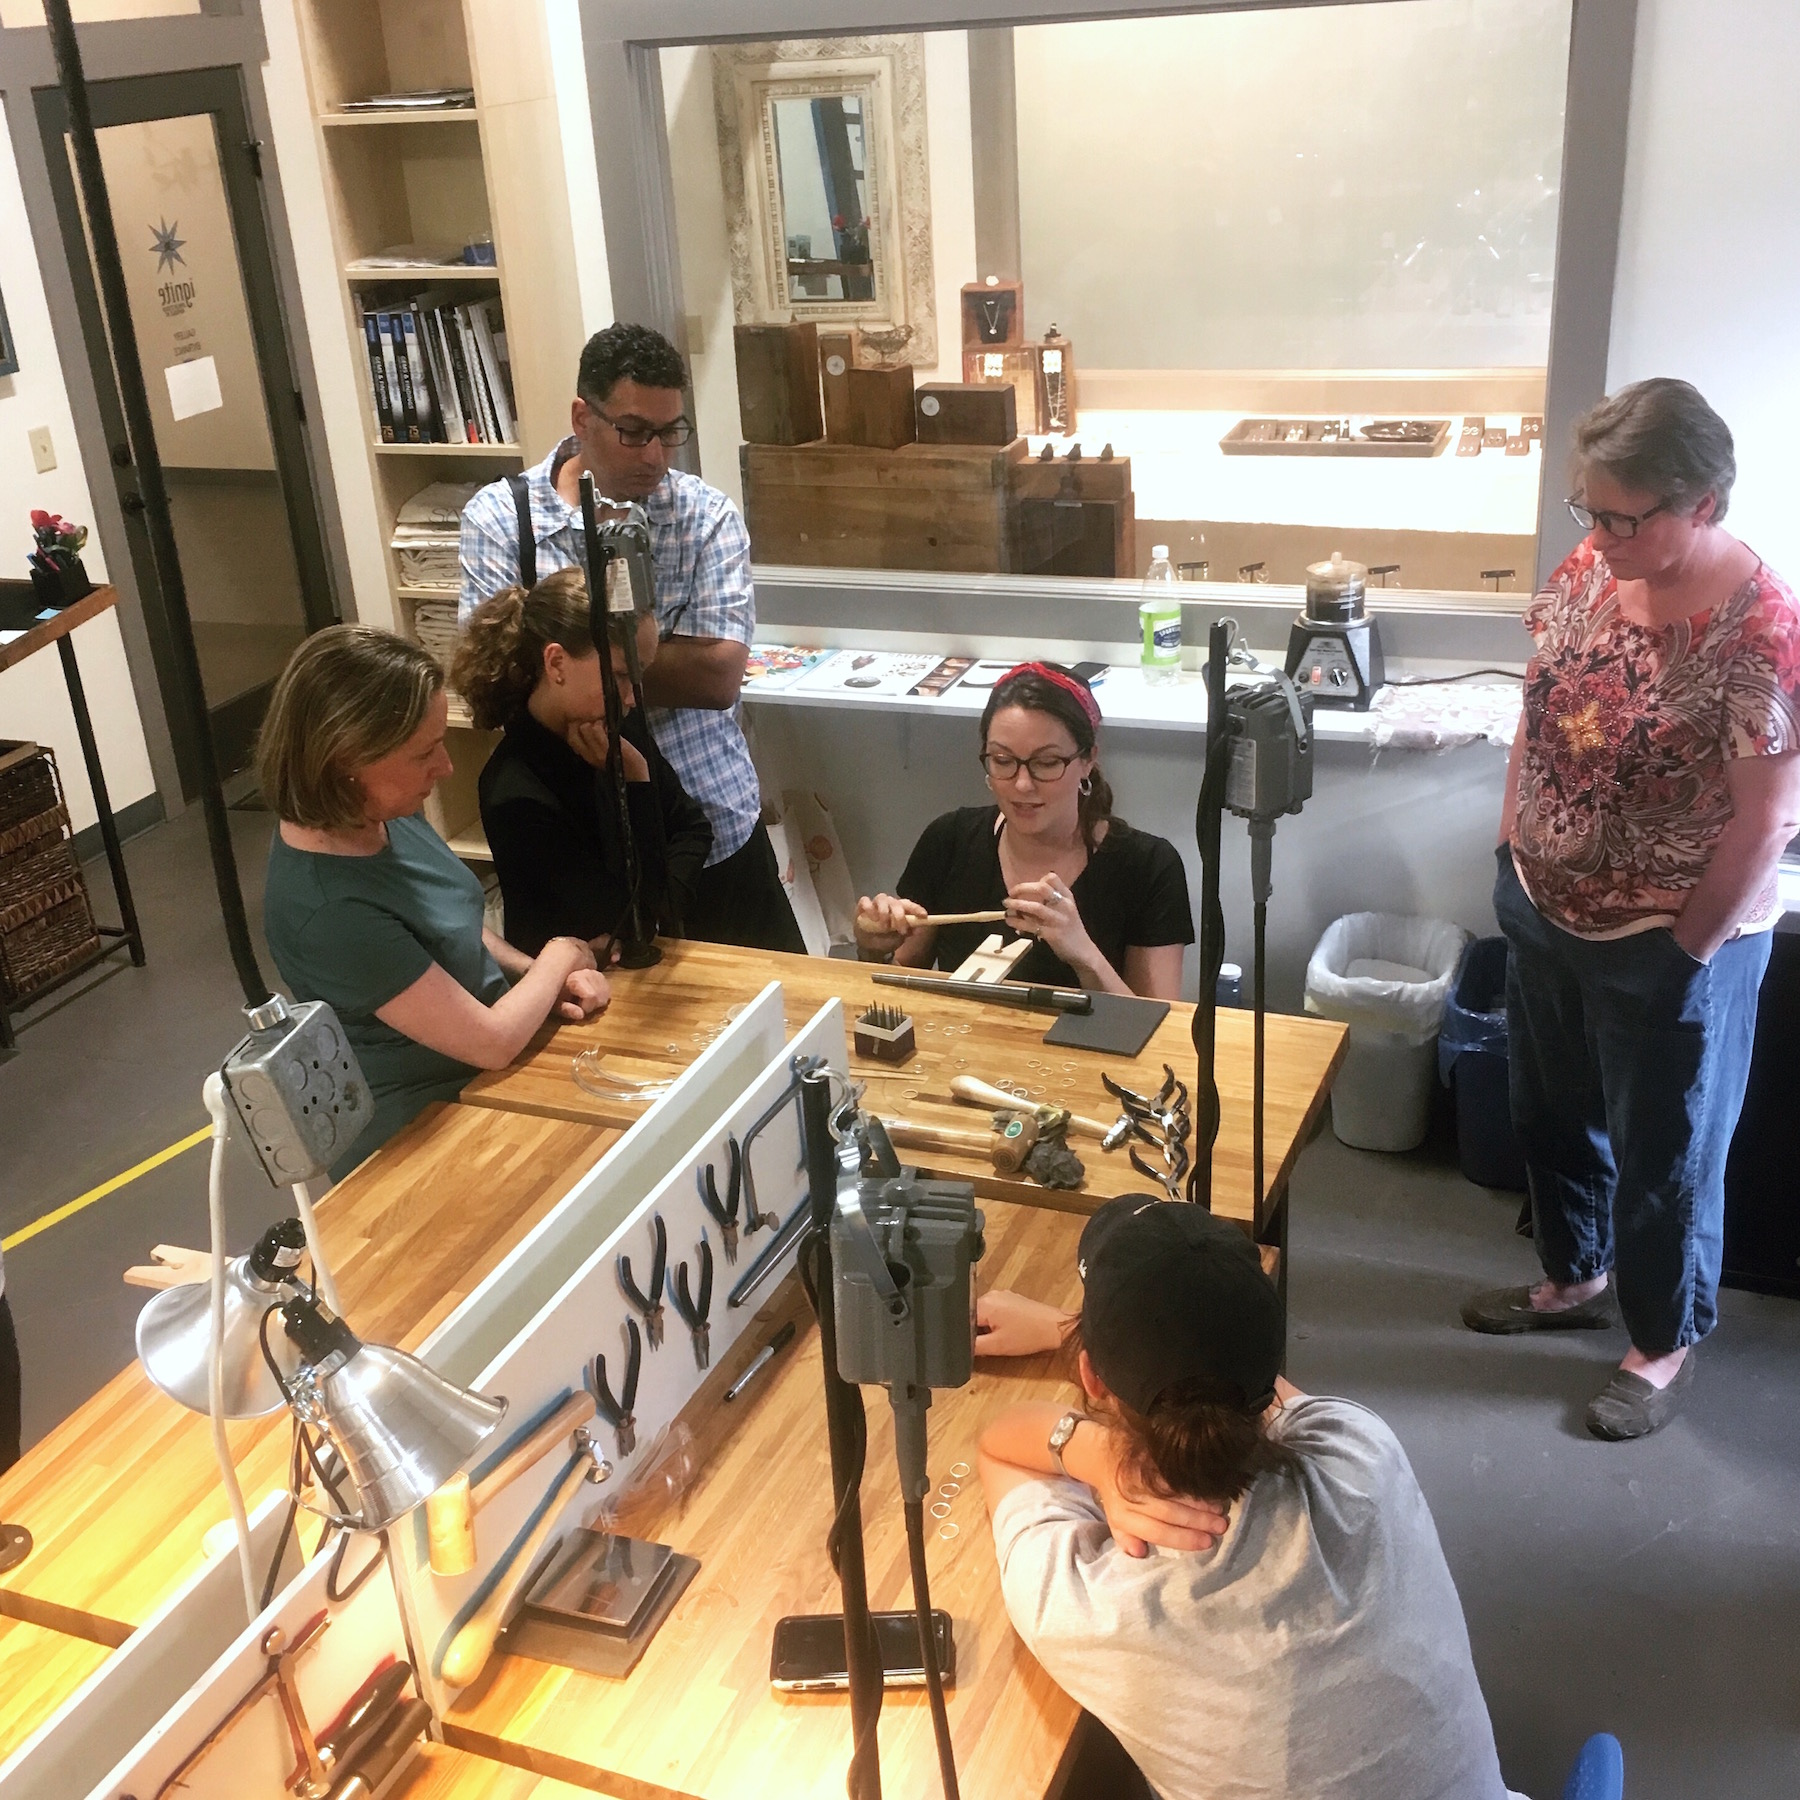 asheville-jewelry-workshop-class-ignite-studio-rings-enamel.jpg